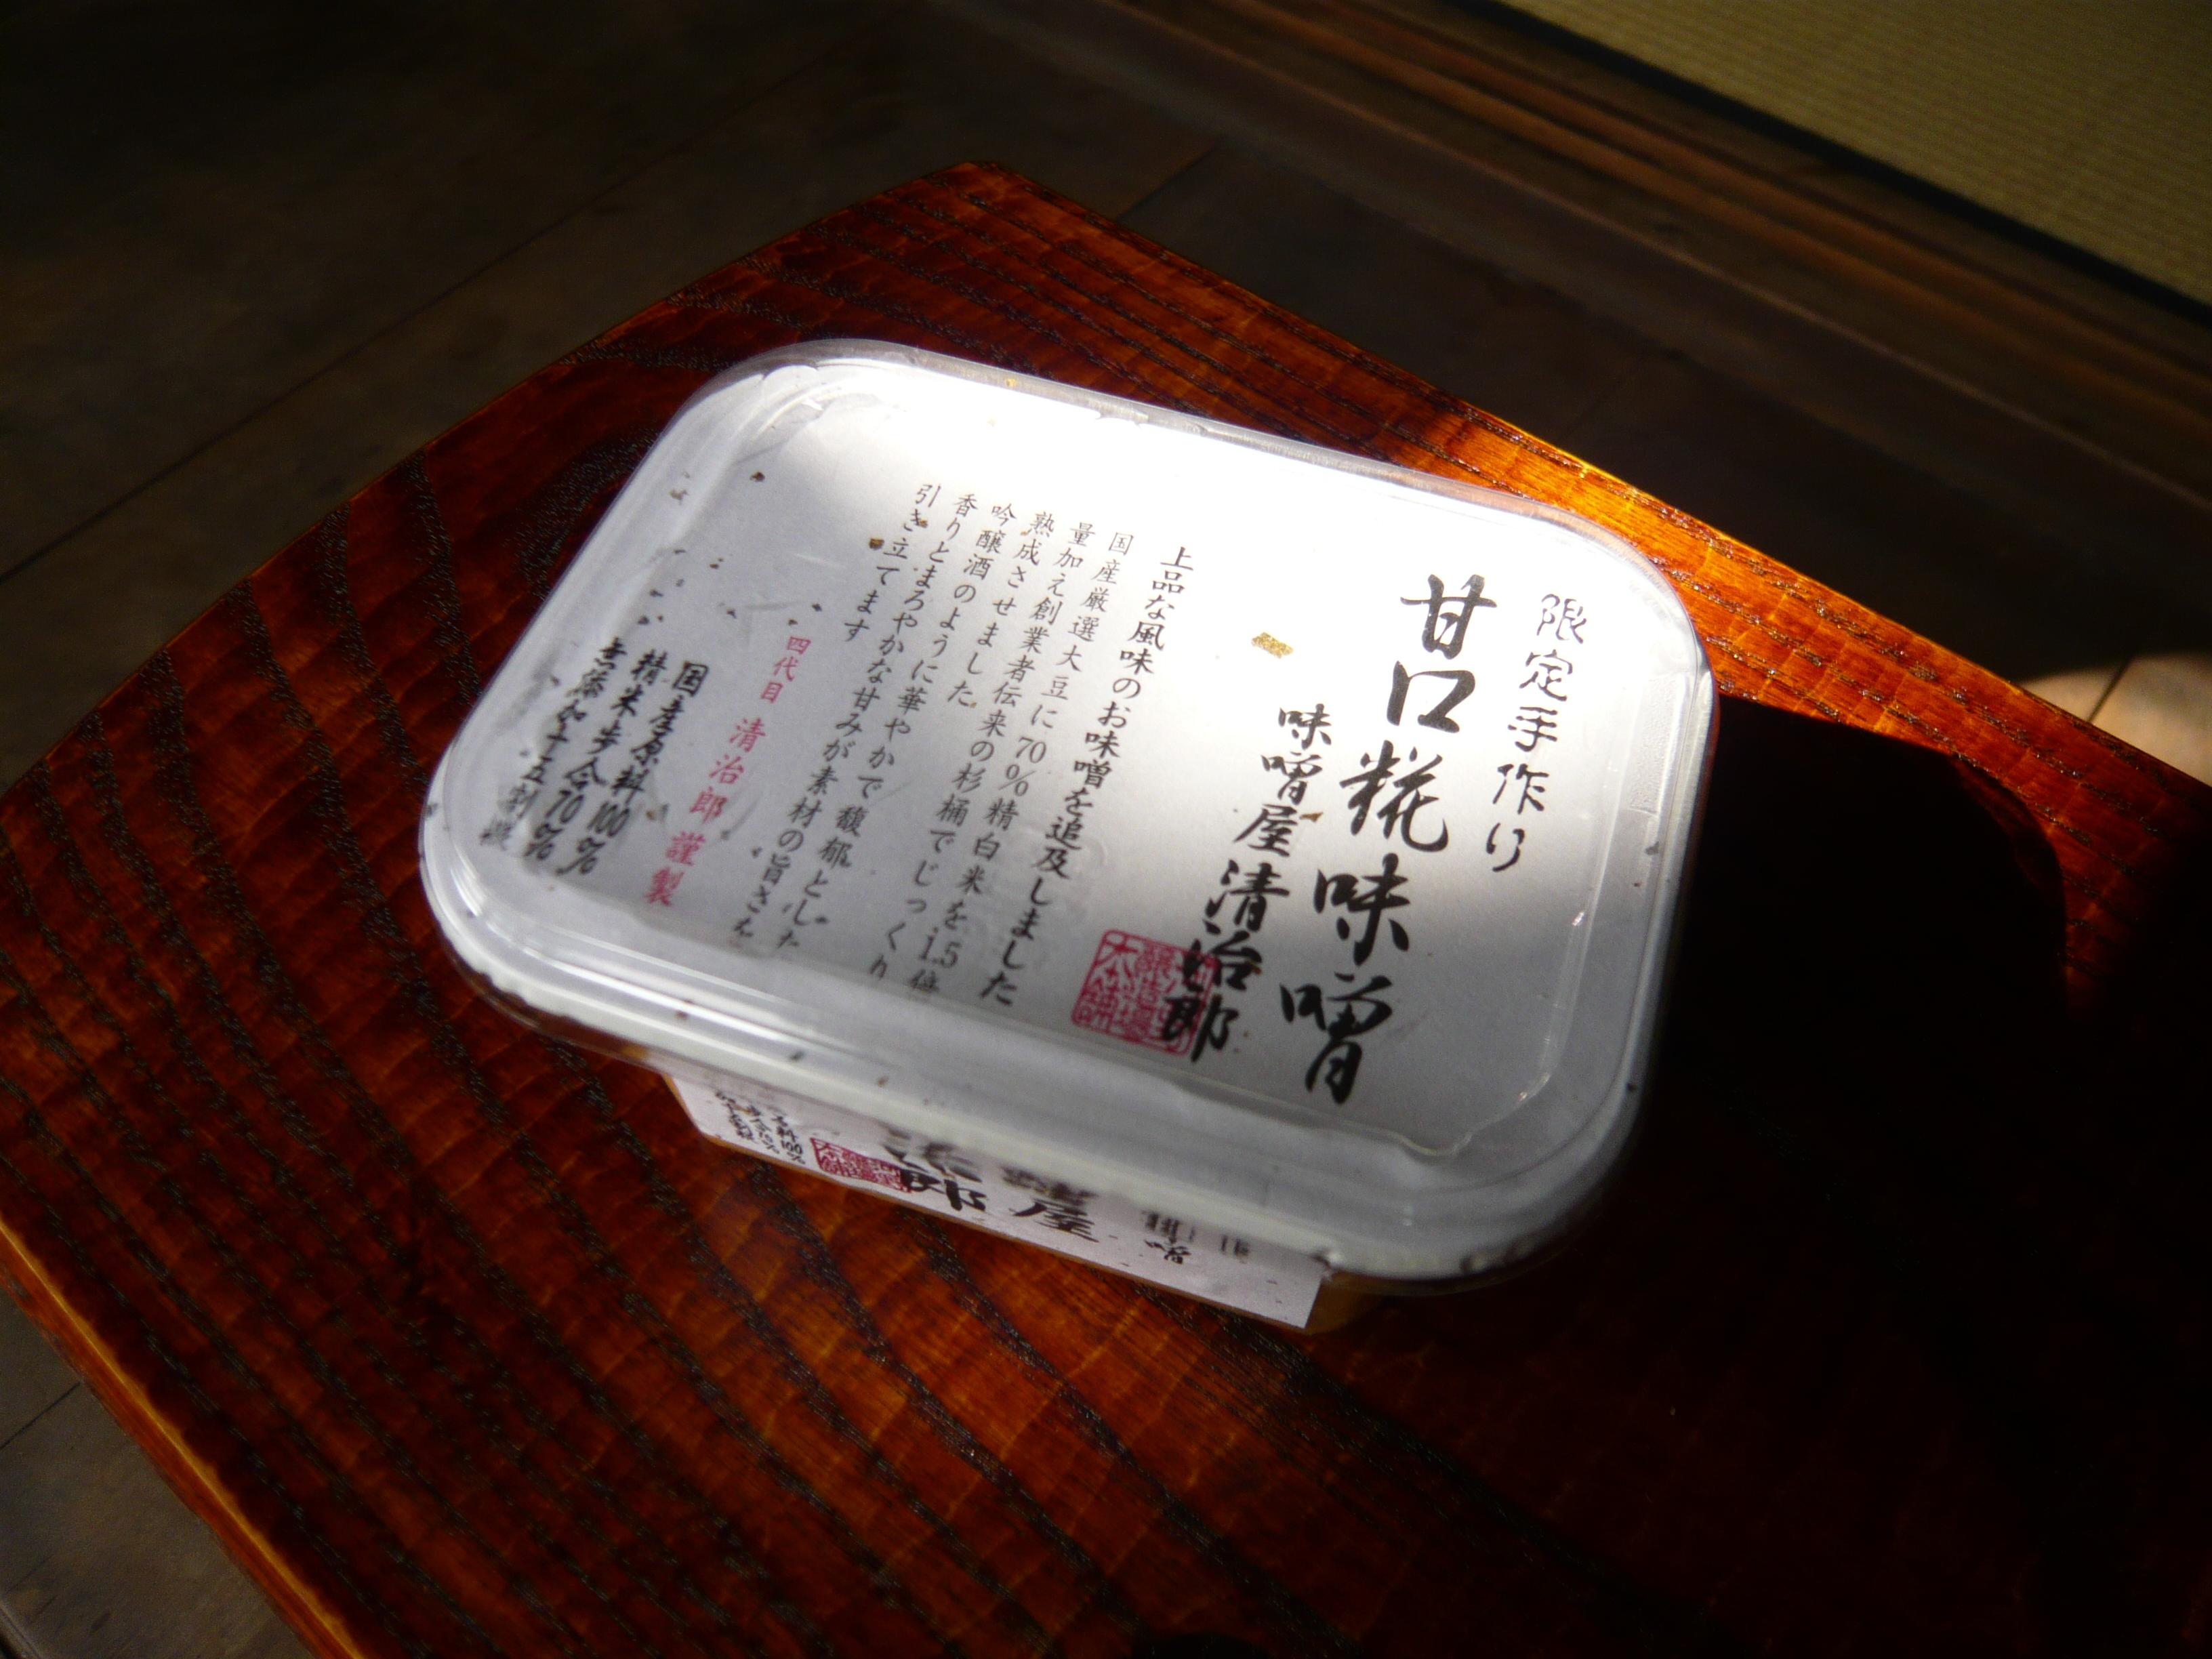 味噌屋 清治郎